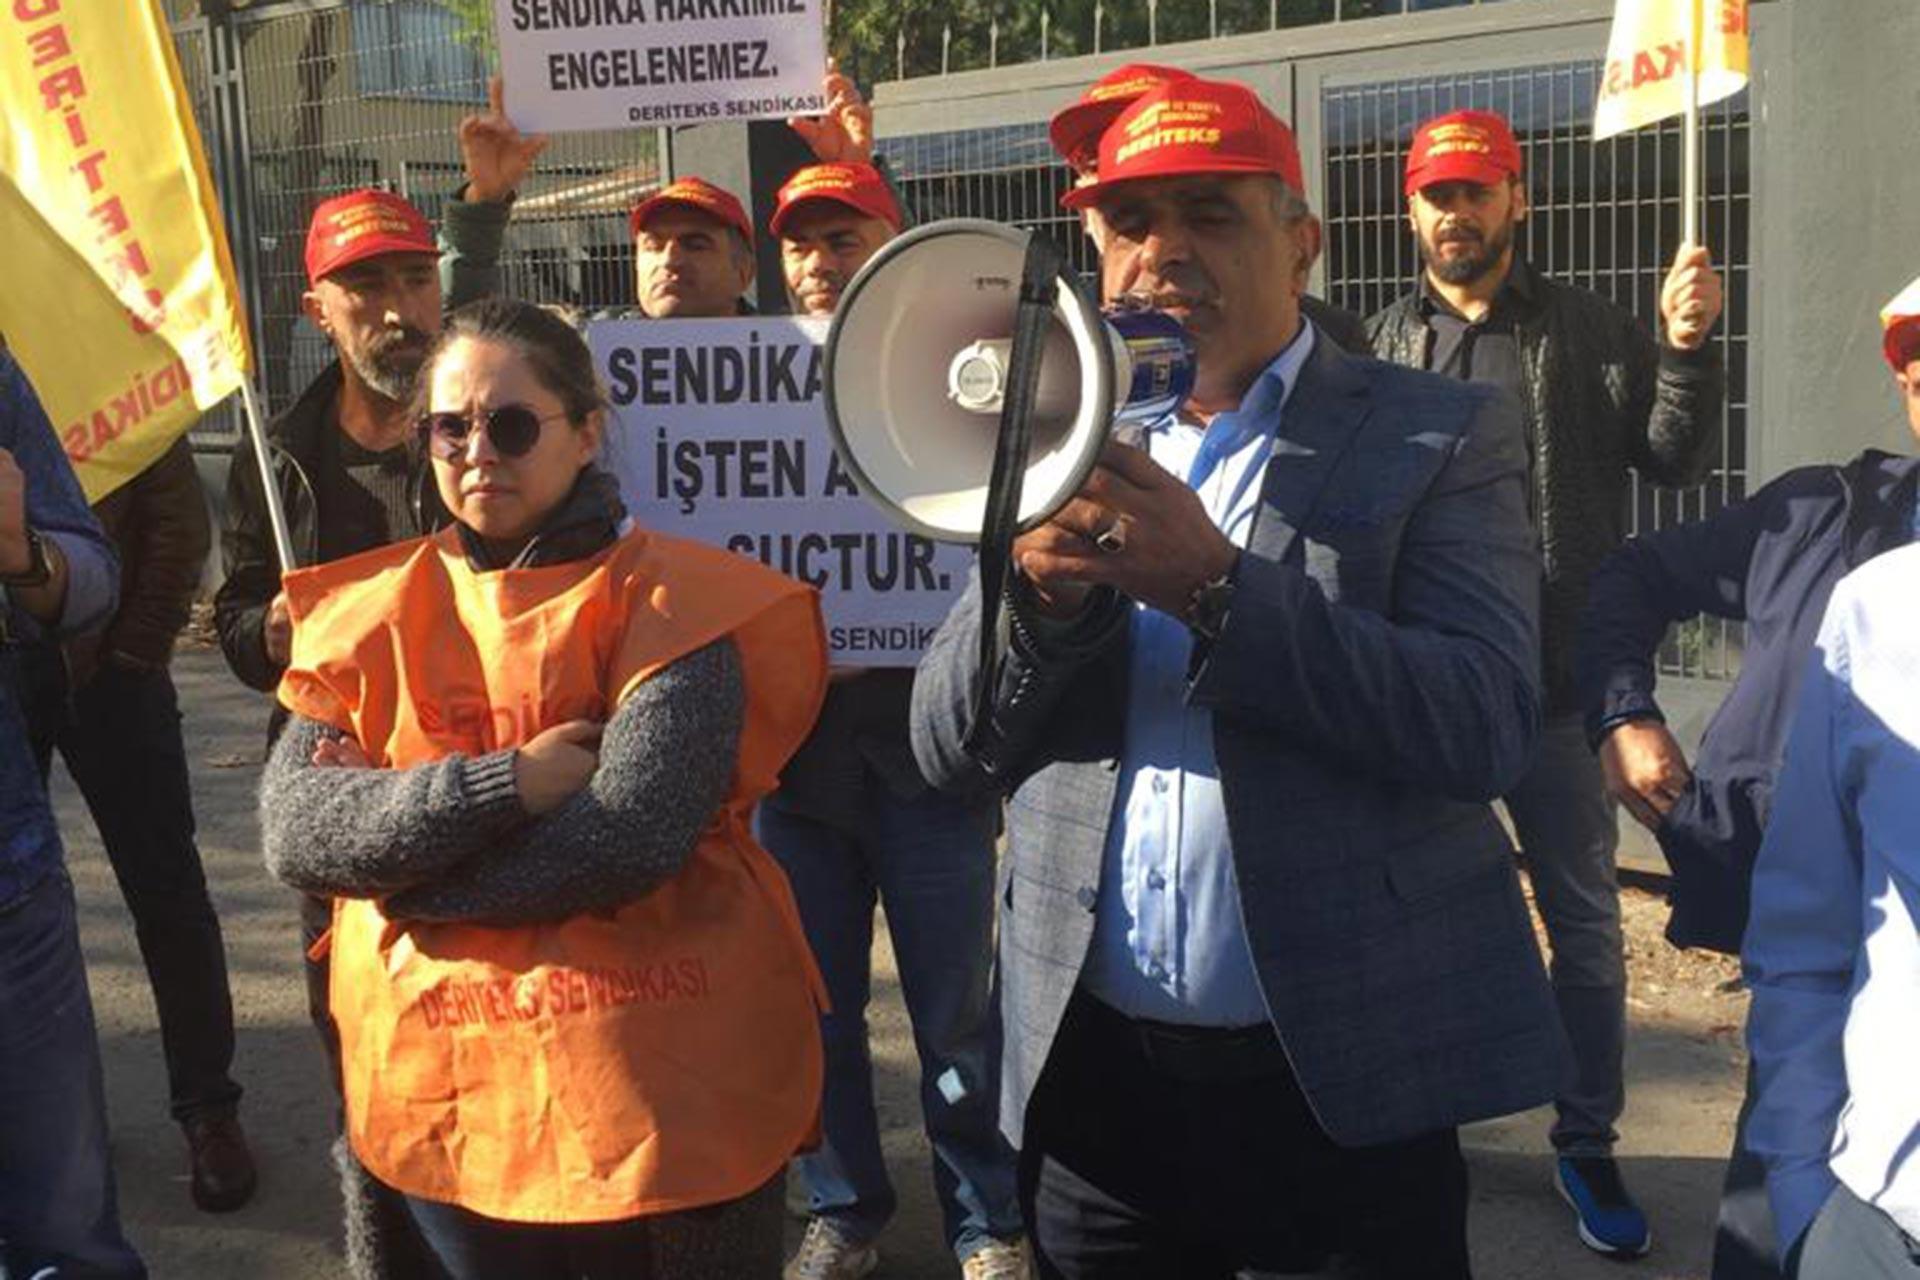 VİP Giyim fabrikası önünde DERİTEK sendikası yöneticileri ve üyeleri basın açıklaması yaparken